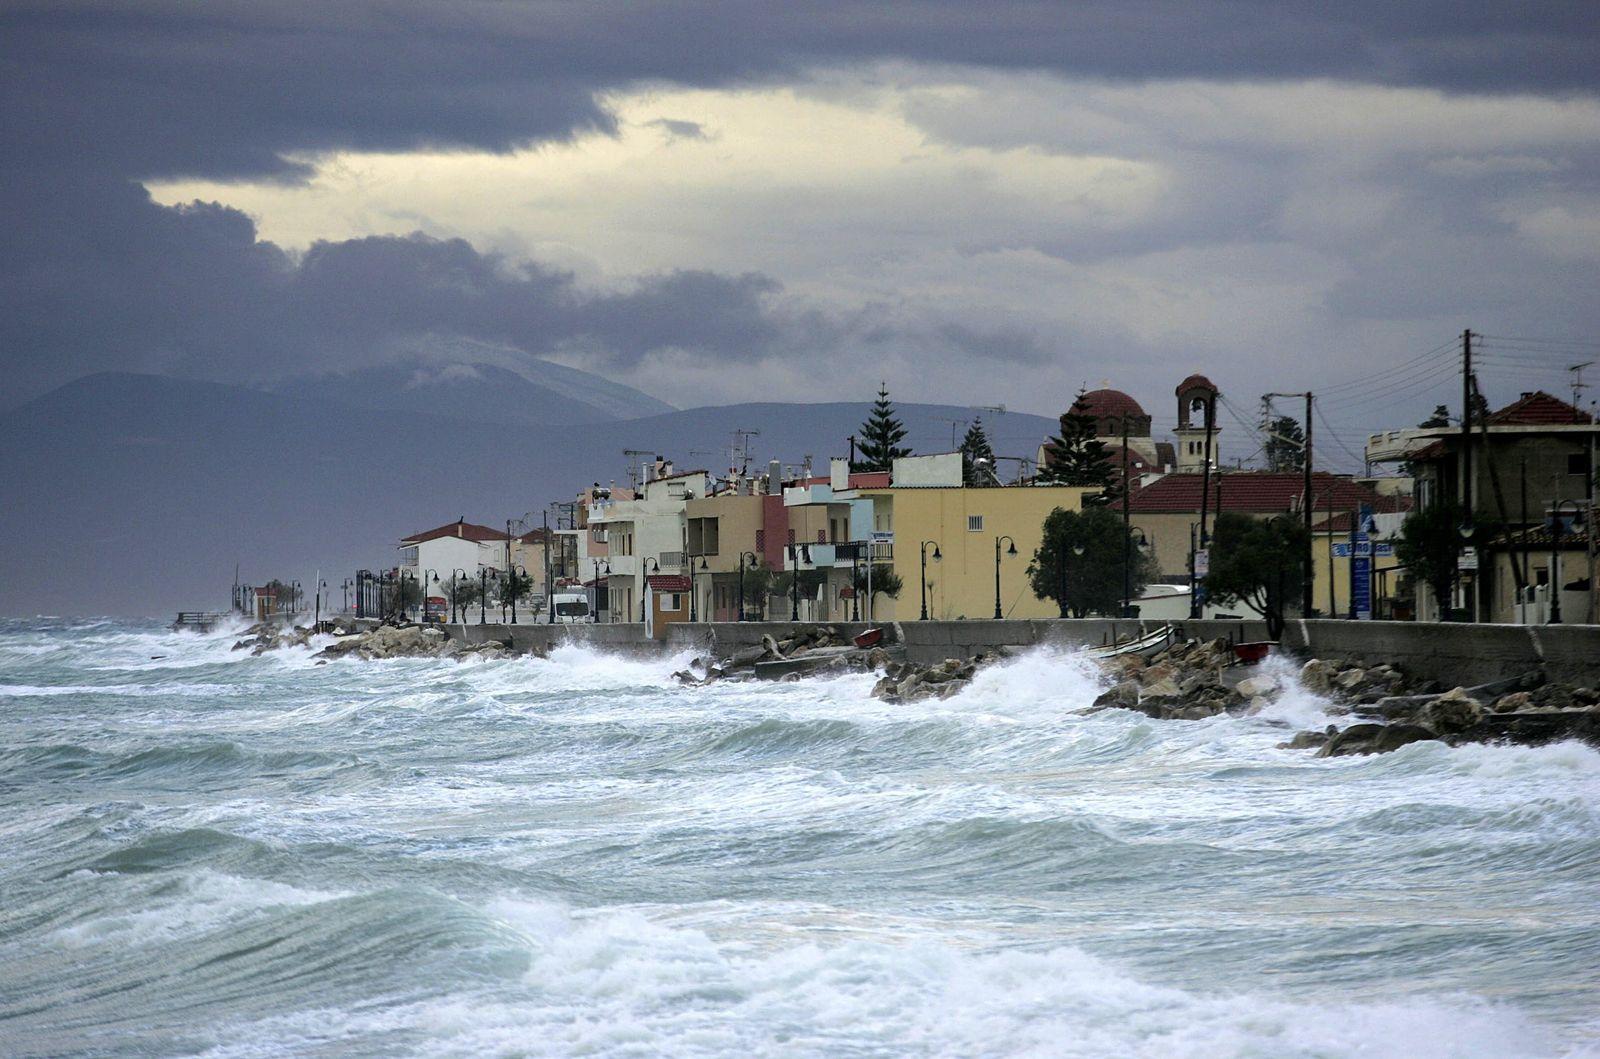 Forscher: Meeresspiegel steigt schneller als je zuvor